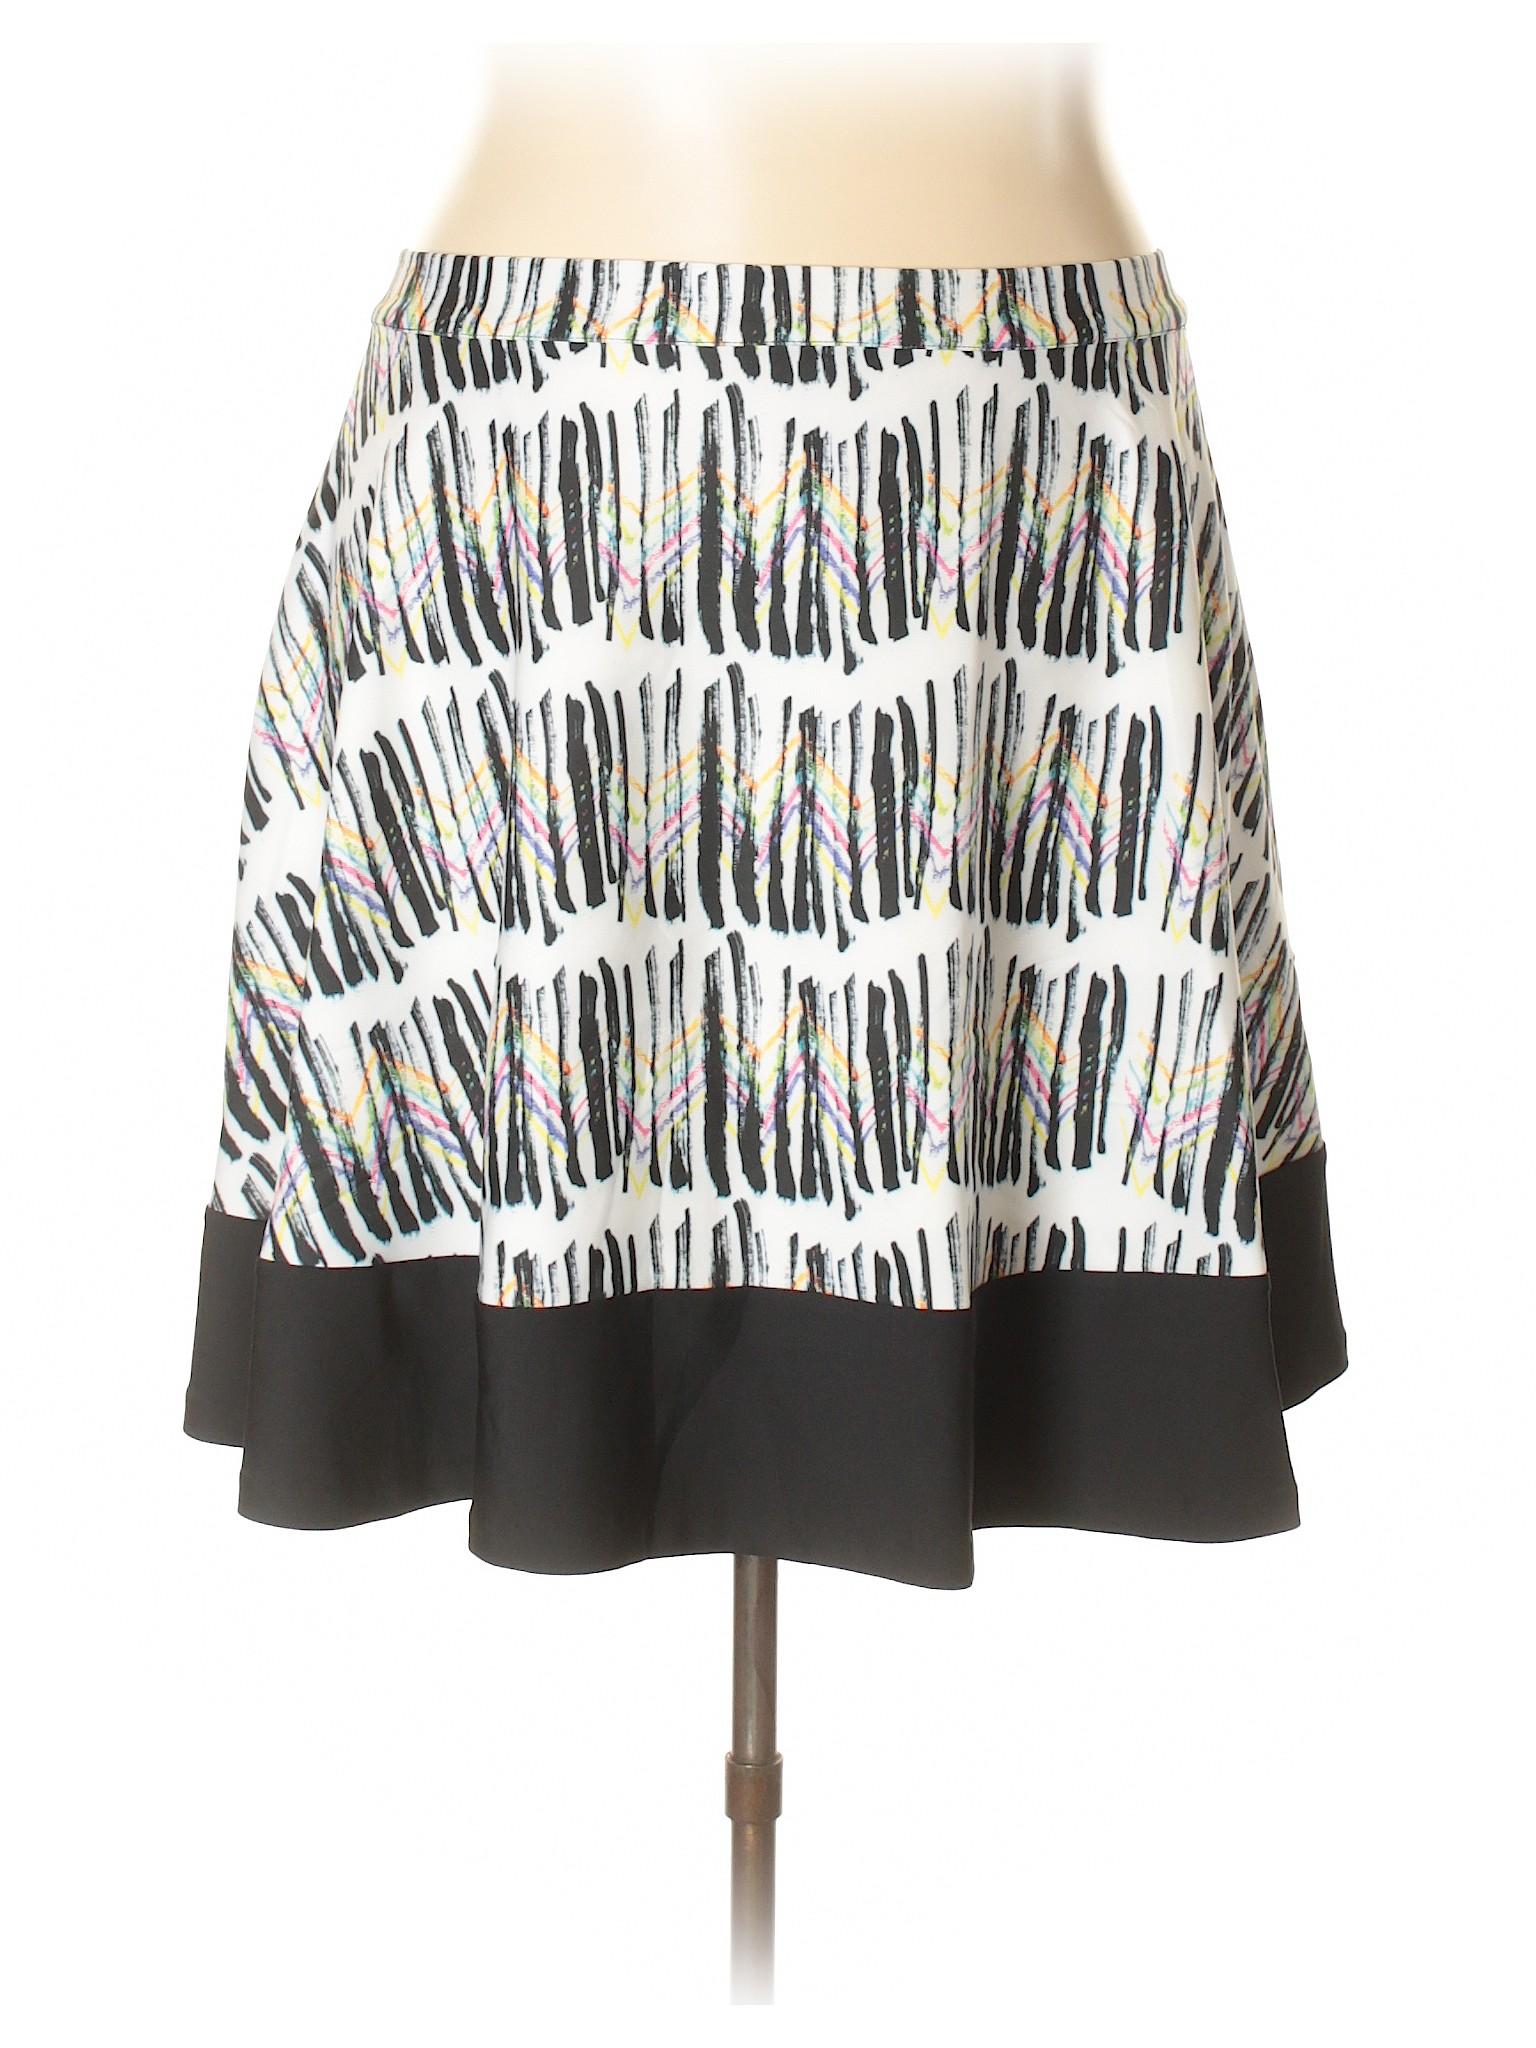 Boutique Boutique Casual Skirt Casual Boutique Skirt Casual zxORwv4qa